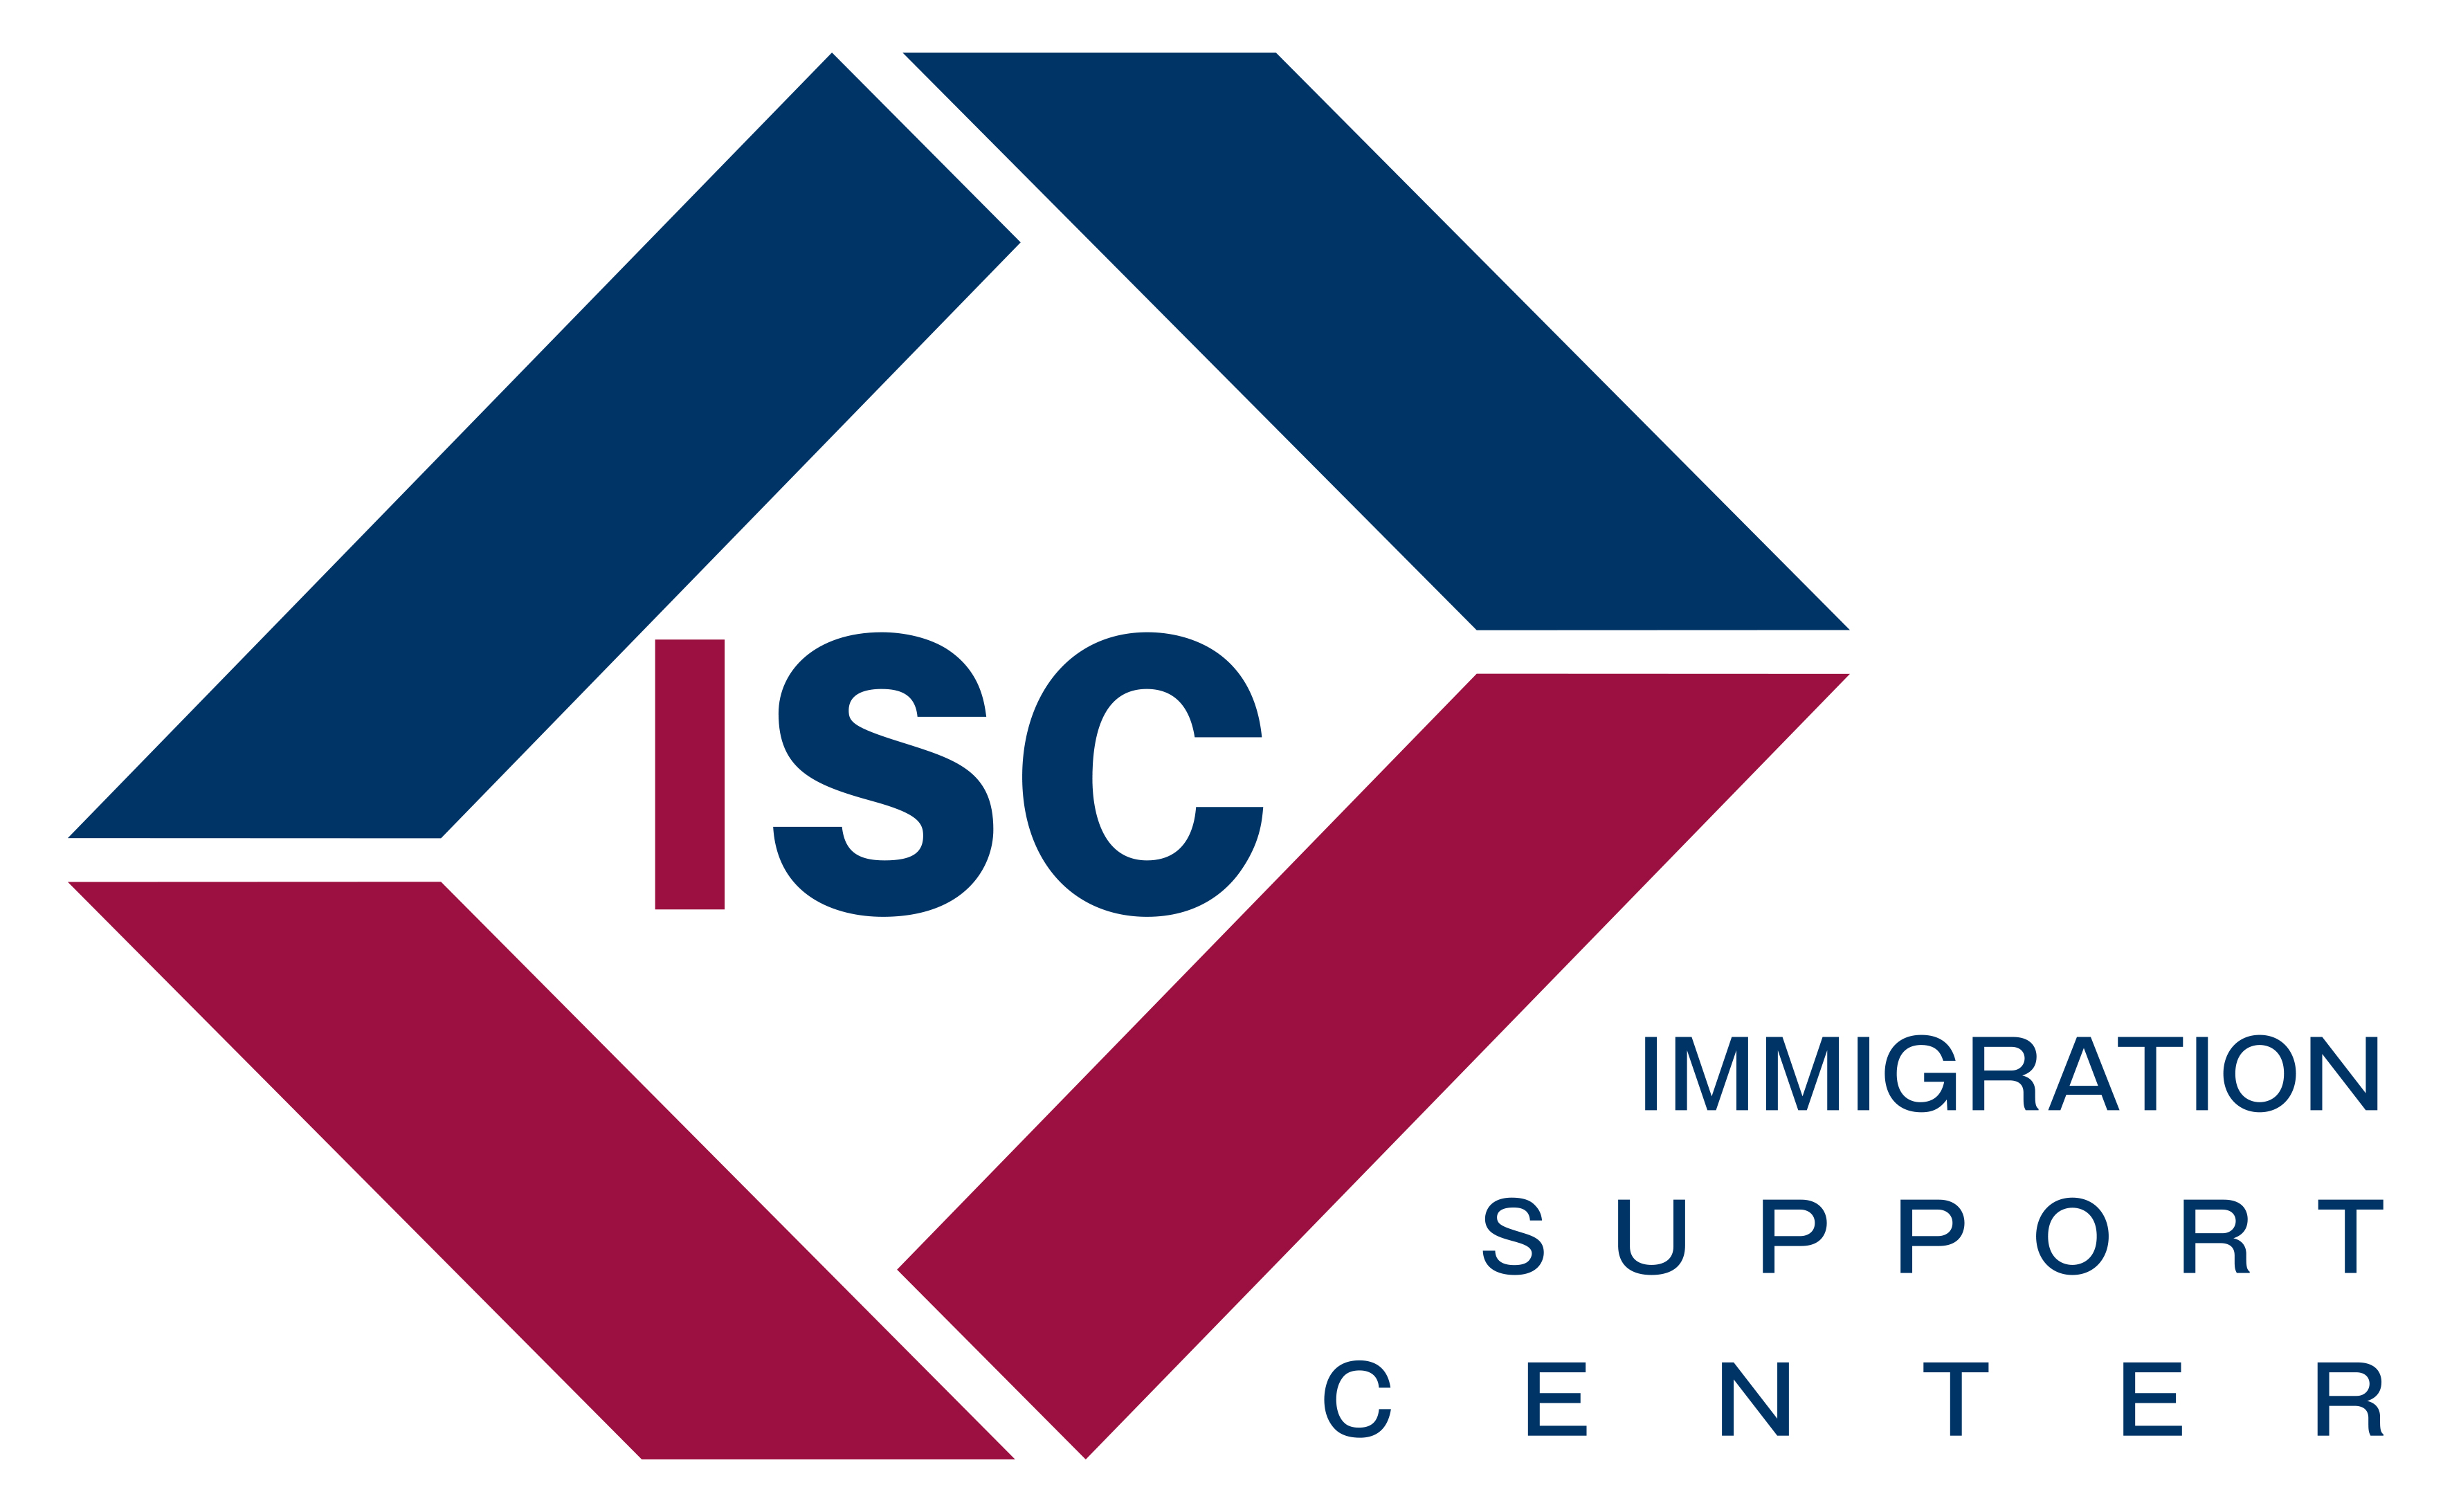 ISC行政書士事務所